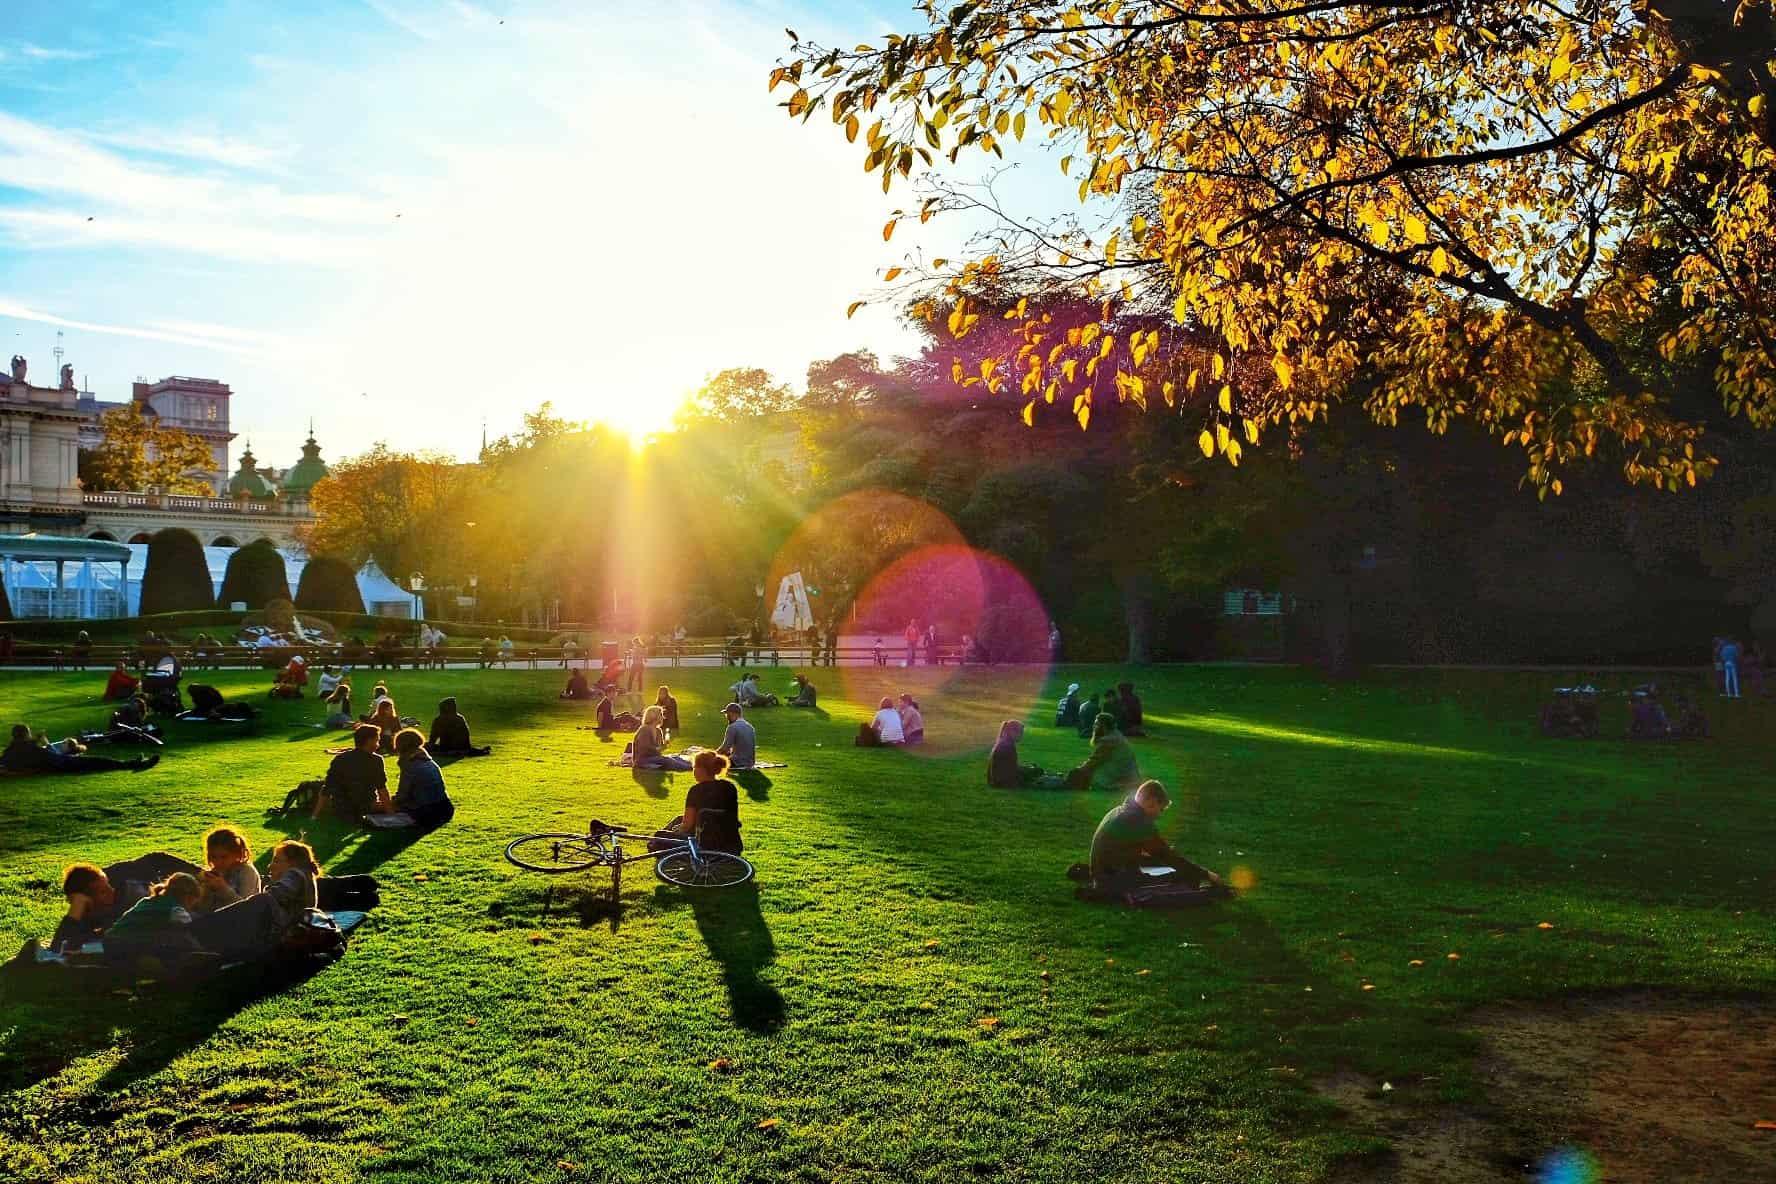 افضل 6 انشطة في حديقة شتاد فيينا النمسا